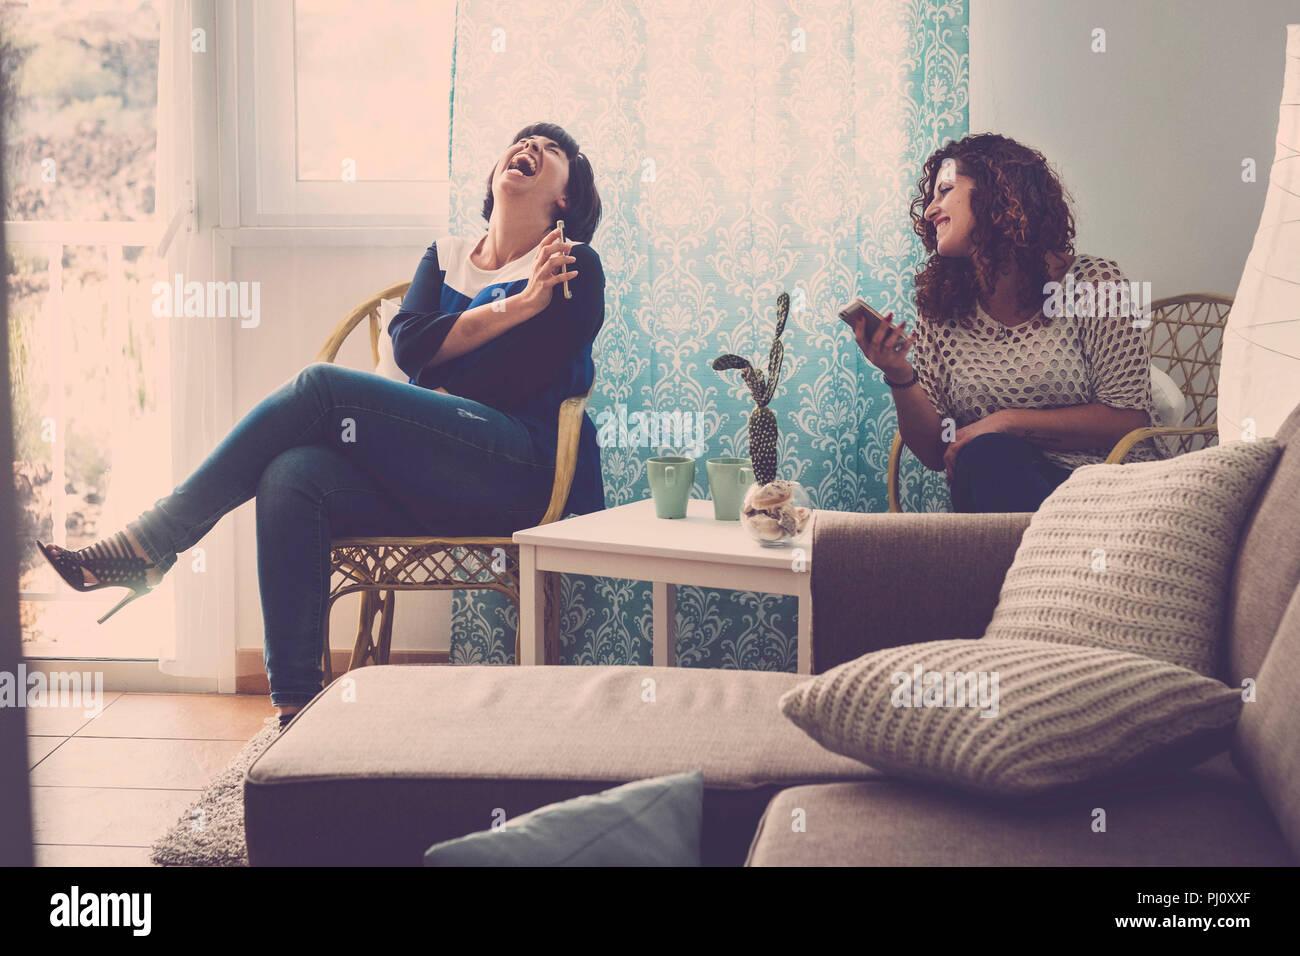 Deux jeunes femmes heureux les amis s'asseoir à la maison et rire raconter des histoires et faits sur la journée. Piscine concept de vie dans l'amitié avec mesdames u Photo Stock